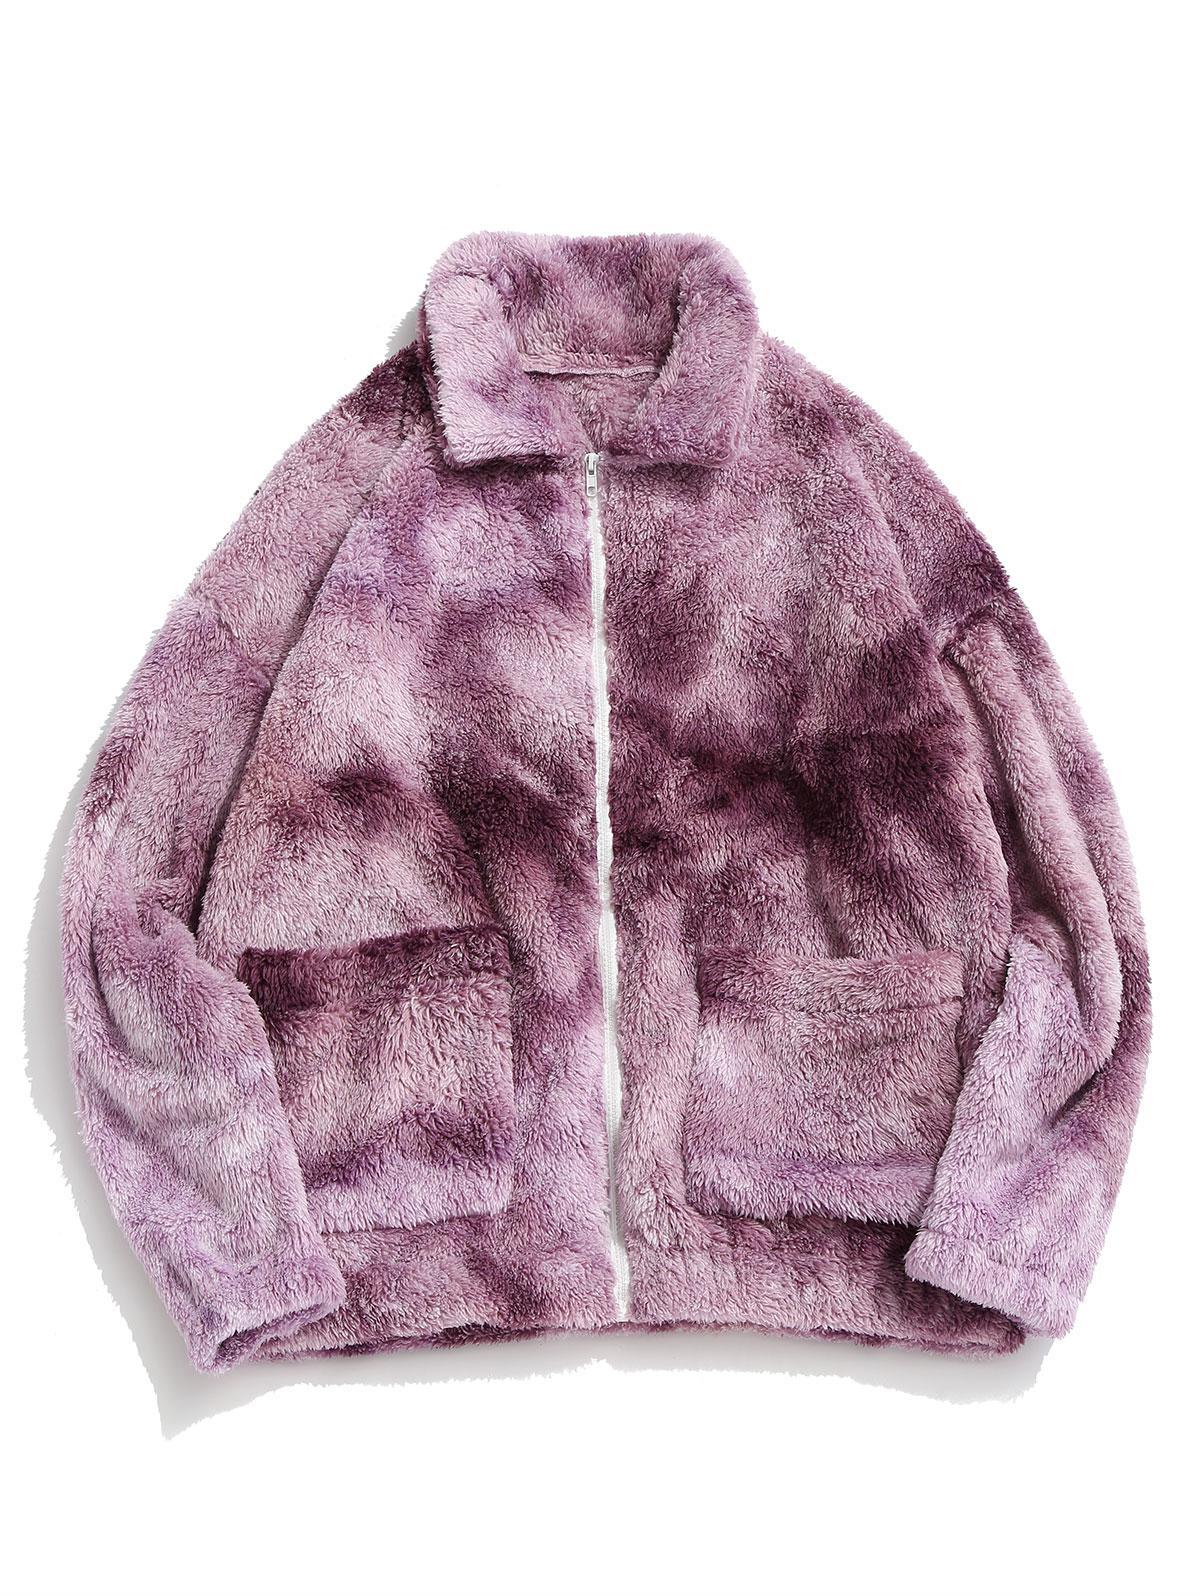 Zaful Tie Dye Fluffy Jacket